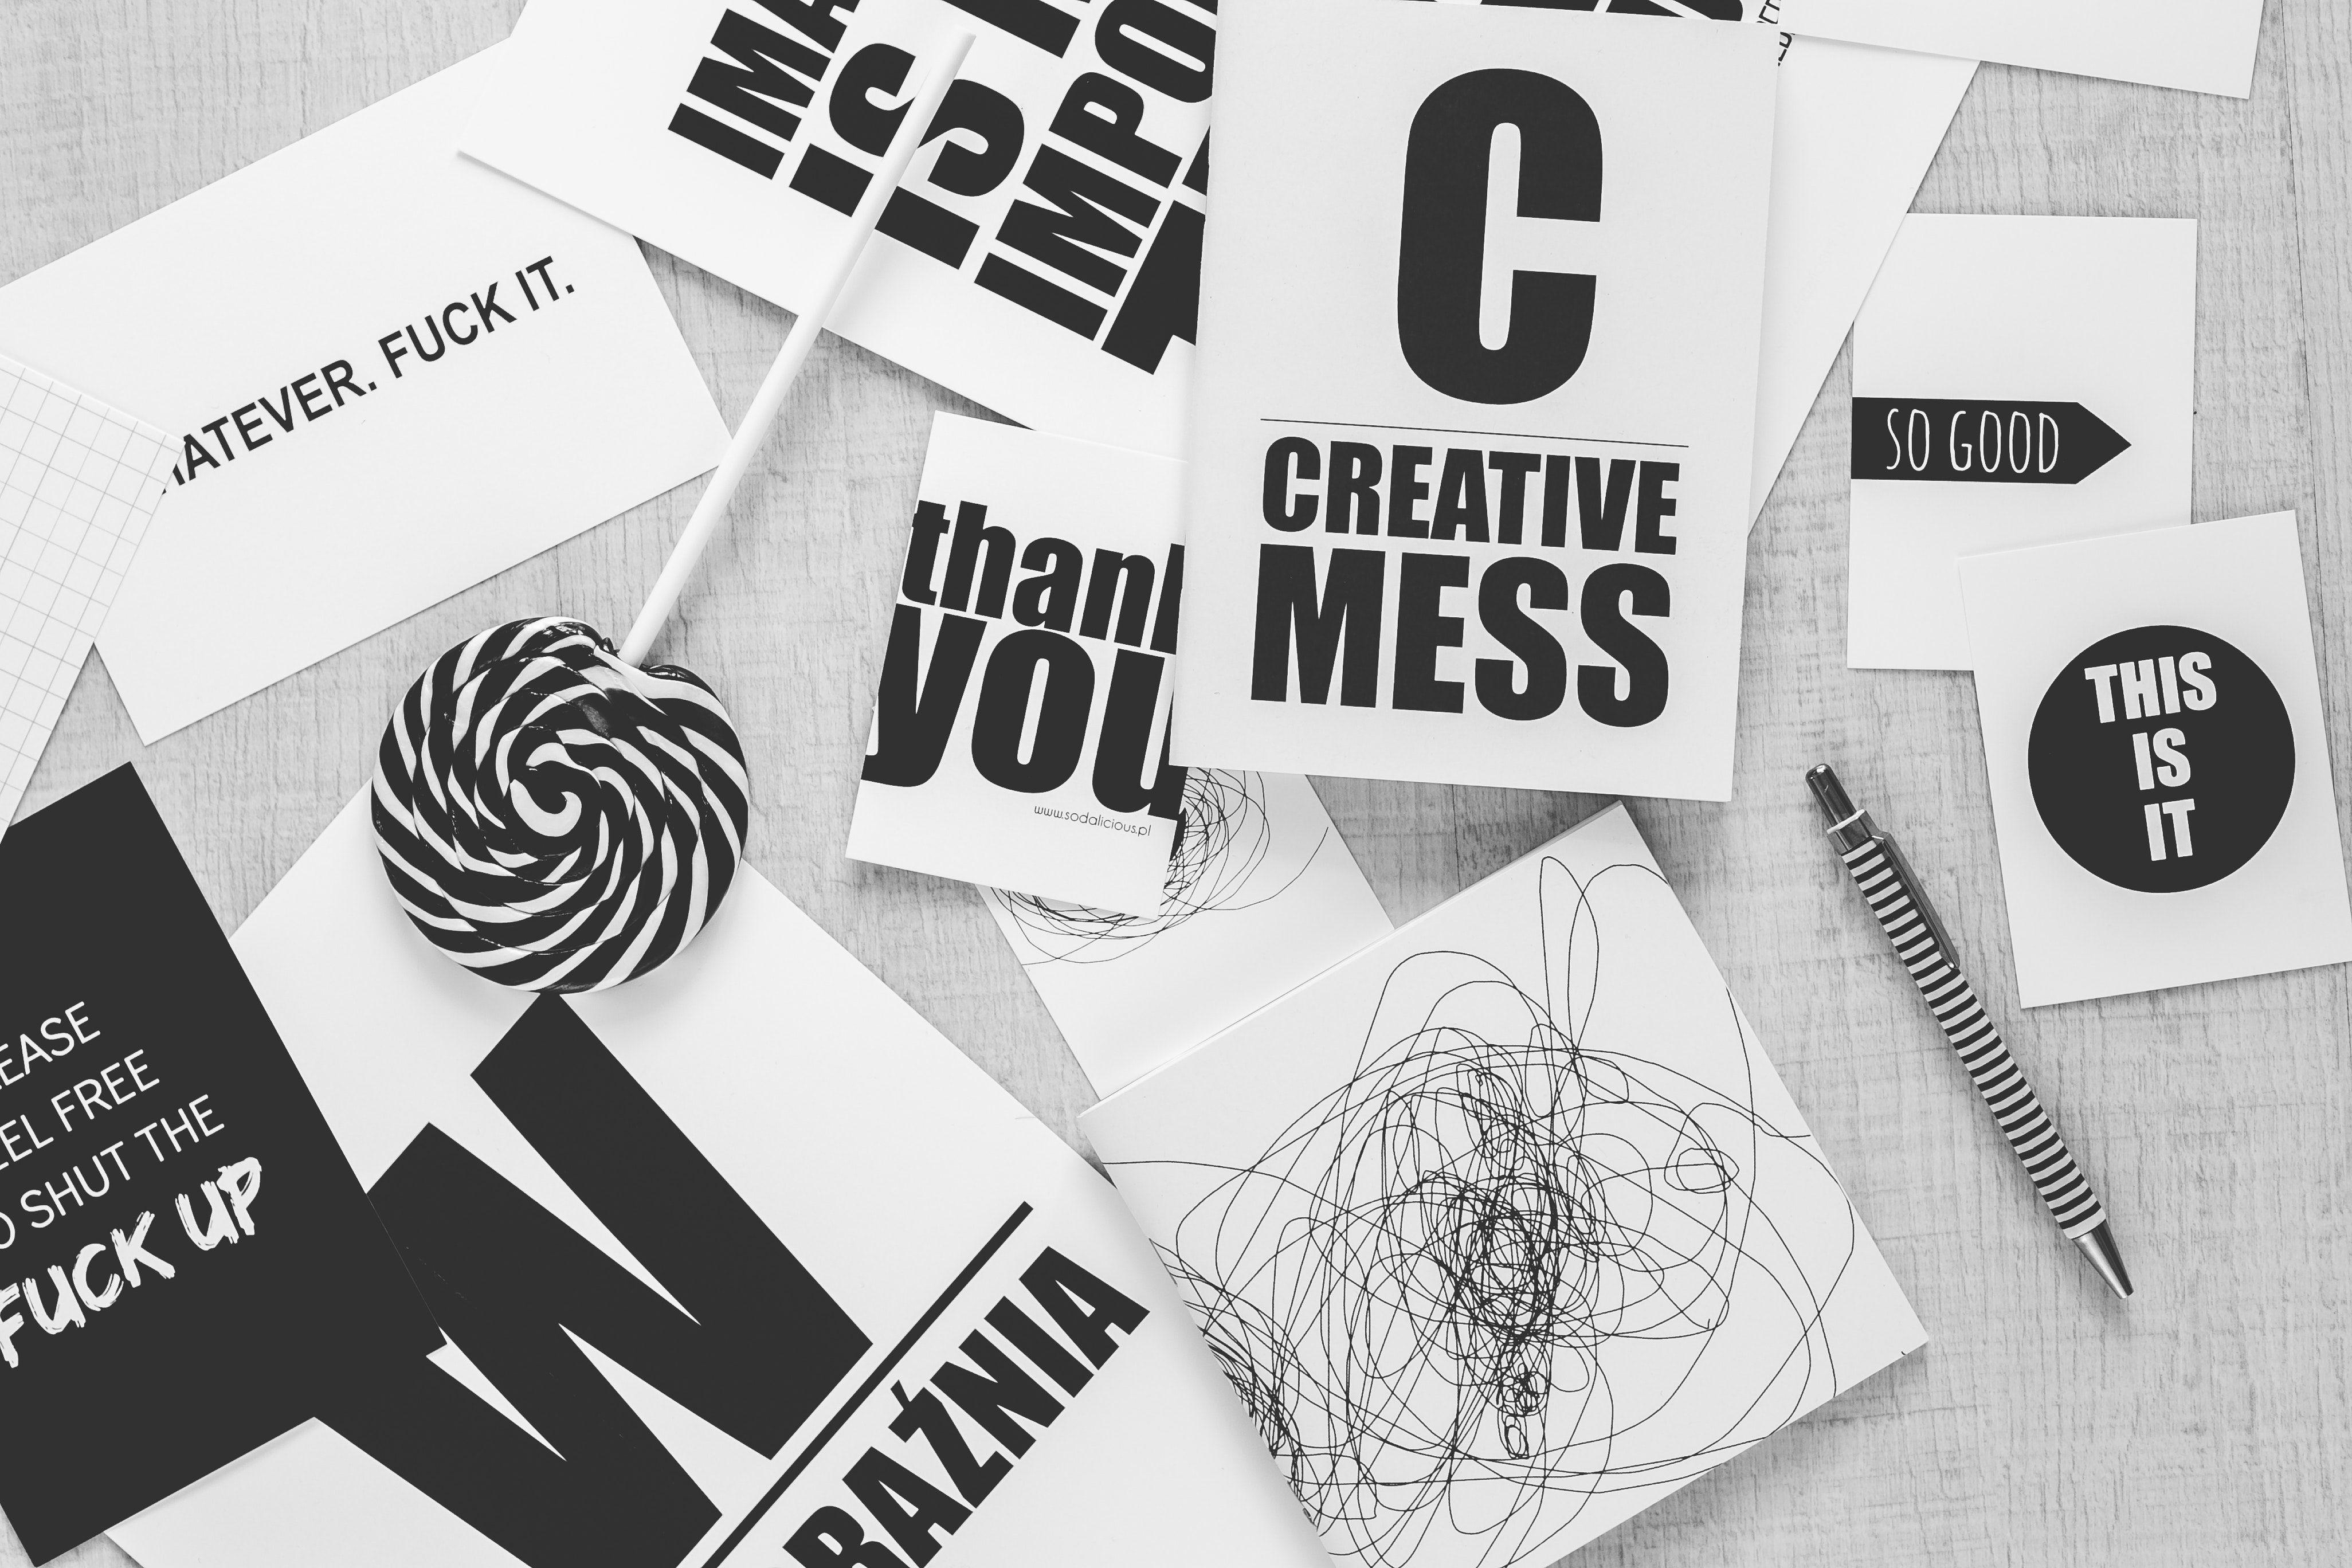 creative-mess.jpg